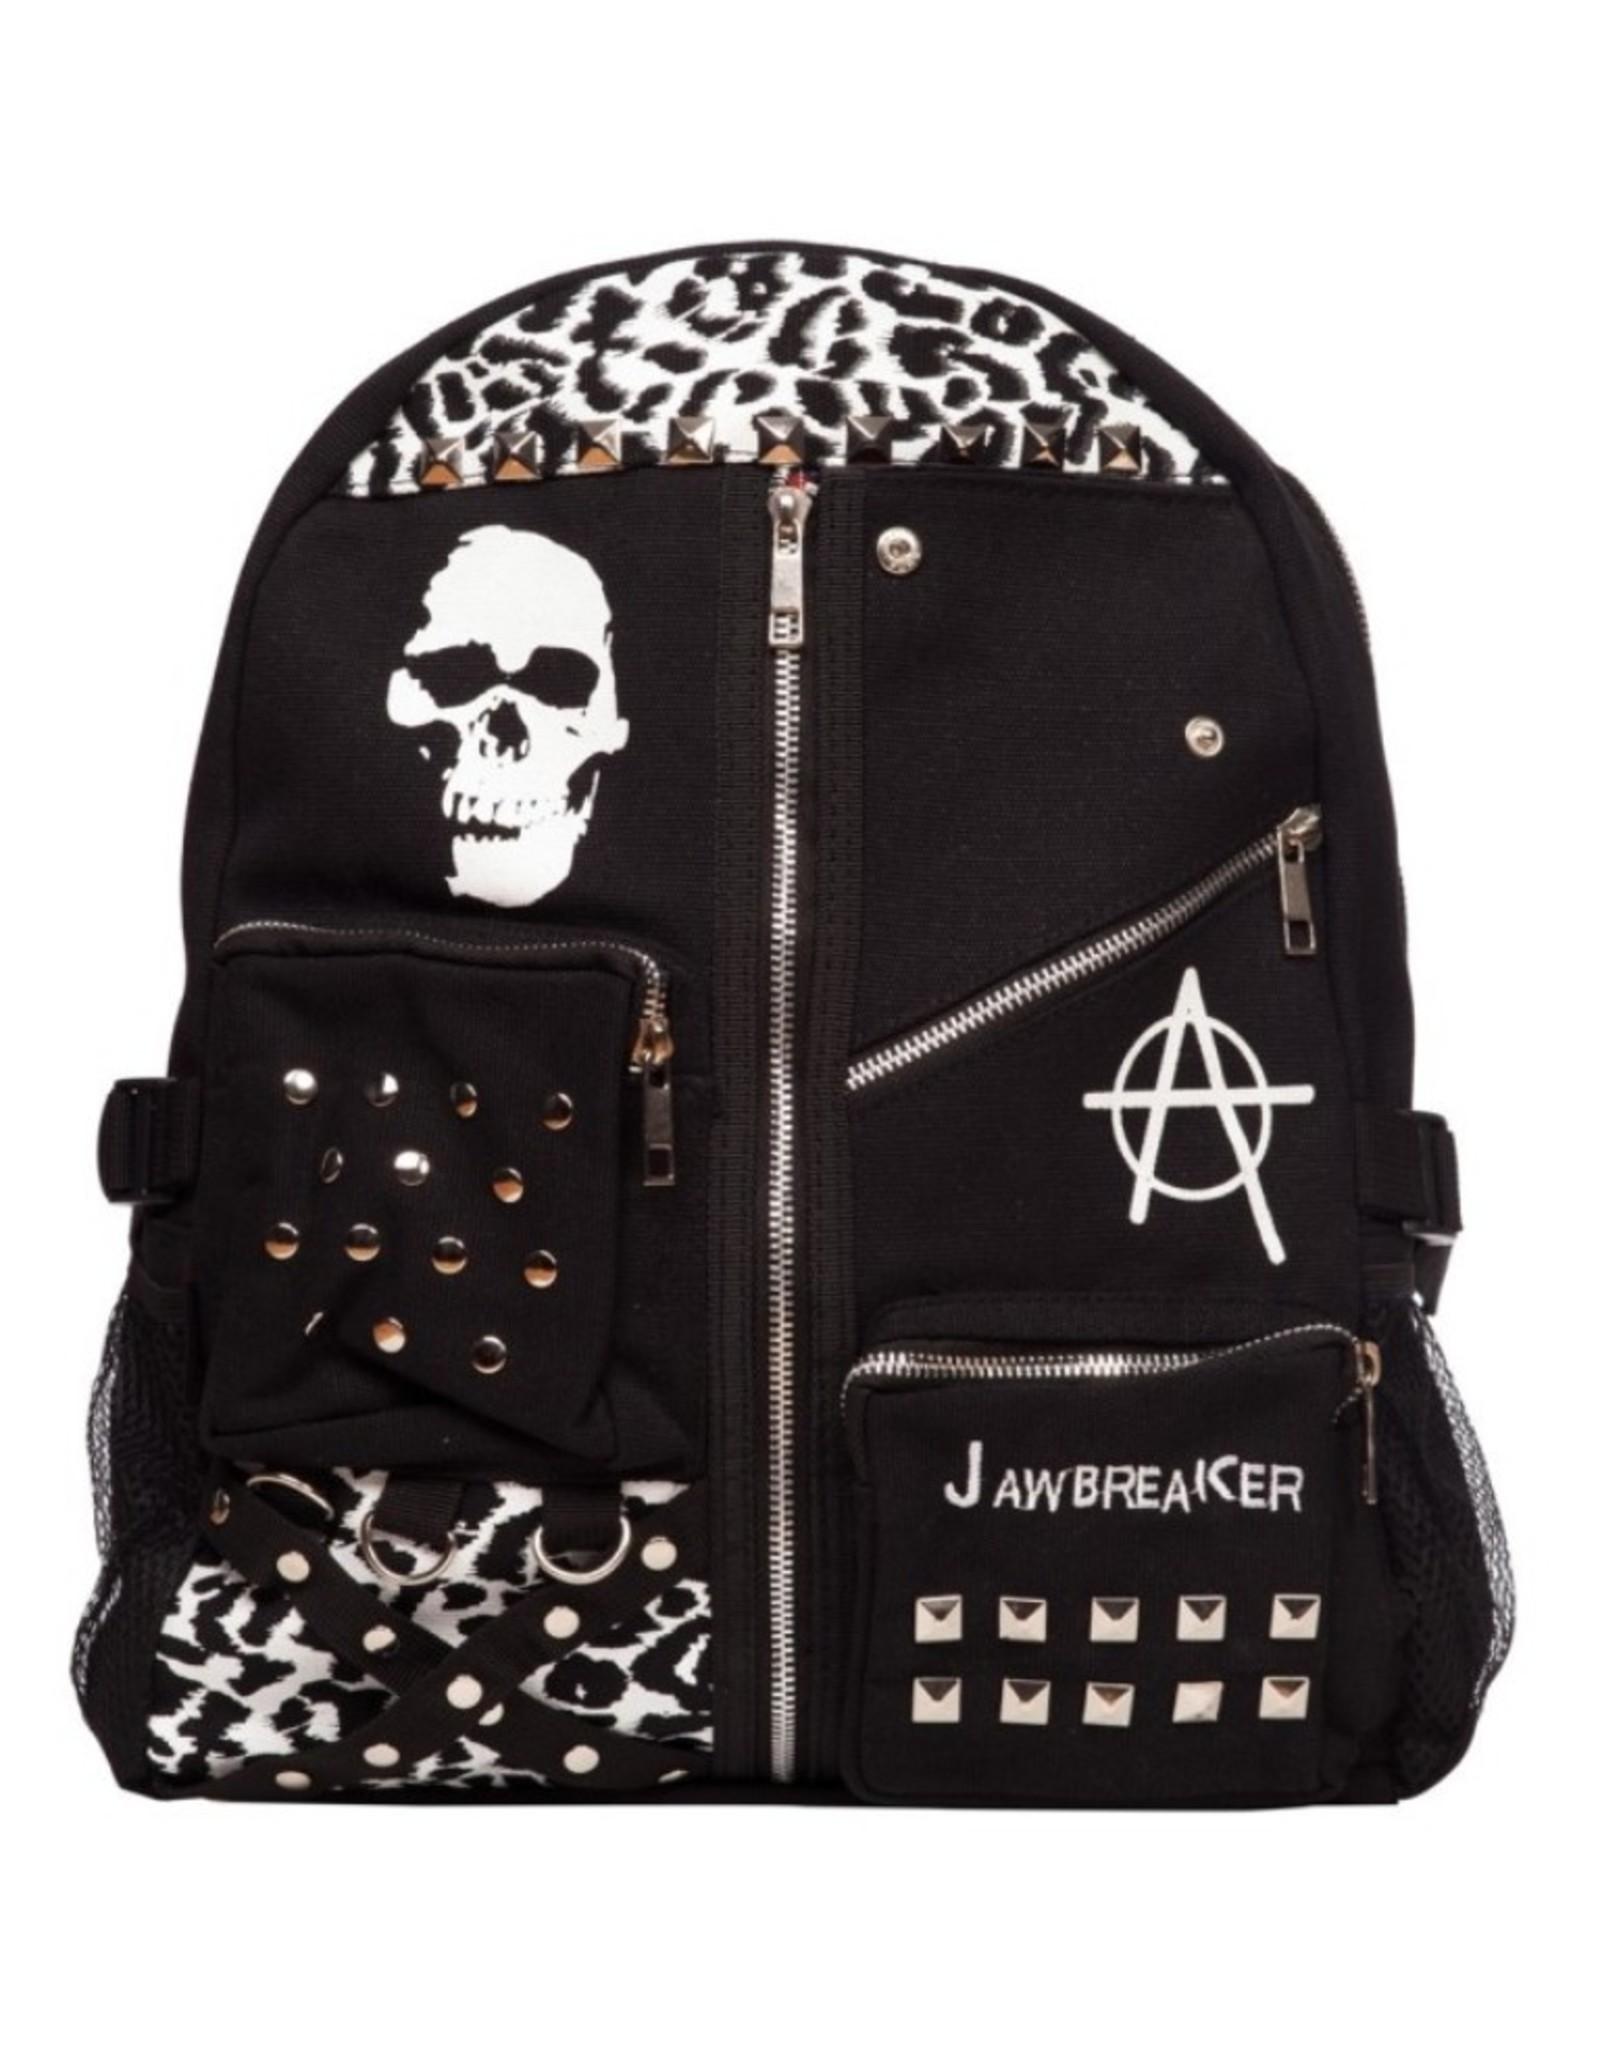 Jawbreaker Gothic tassen Steampunk tassen Jawbreaker rugzak It's Punk Innit